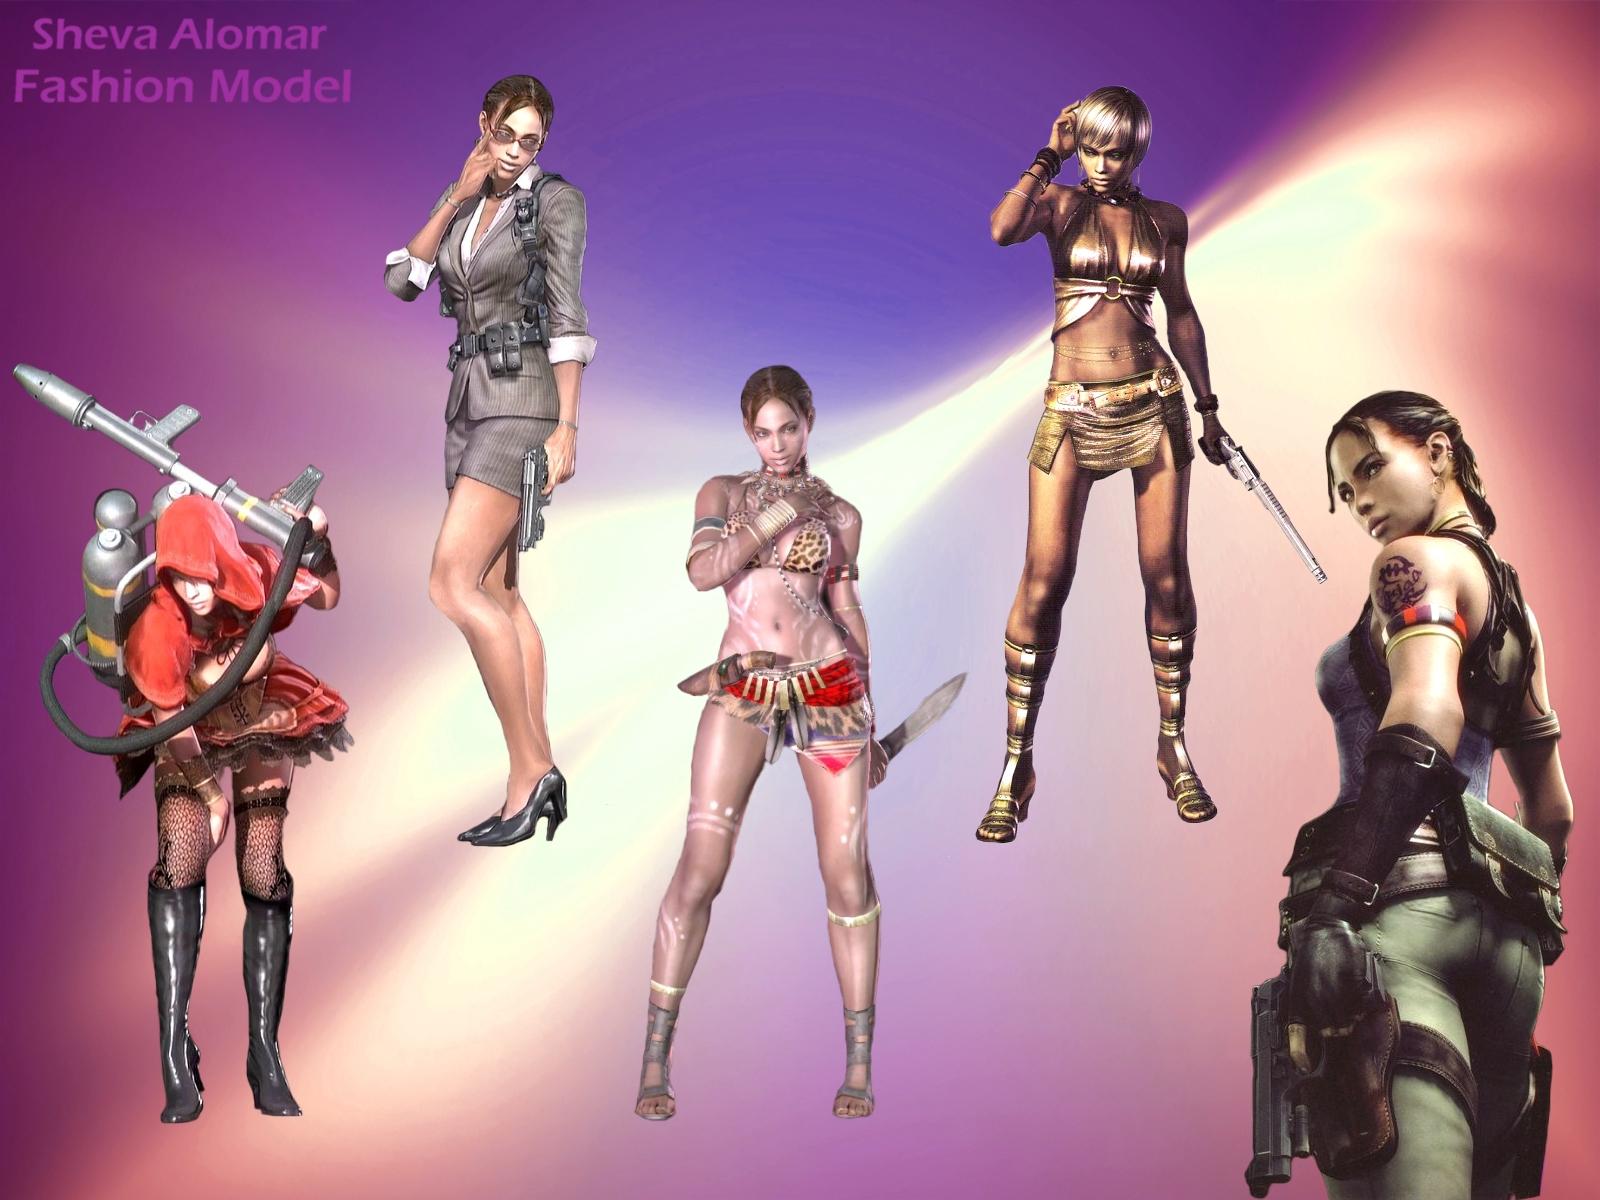 http://2.bp.blogspot.com/-2nEaMNdvaa0/TinYbzhTibI/AAAAAAAAASs/ekmDpWae6Gg/s1600/Sheva_Alomar_Fashion_Model_by_GameGirlsFanboy.jpg